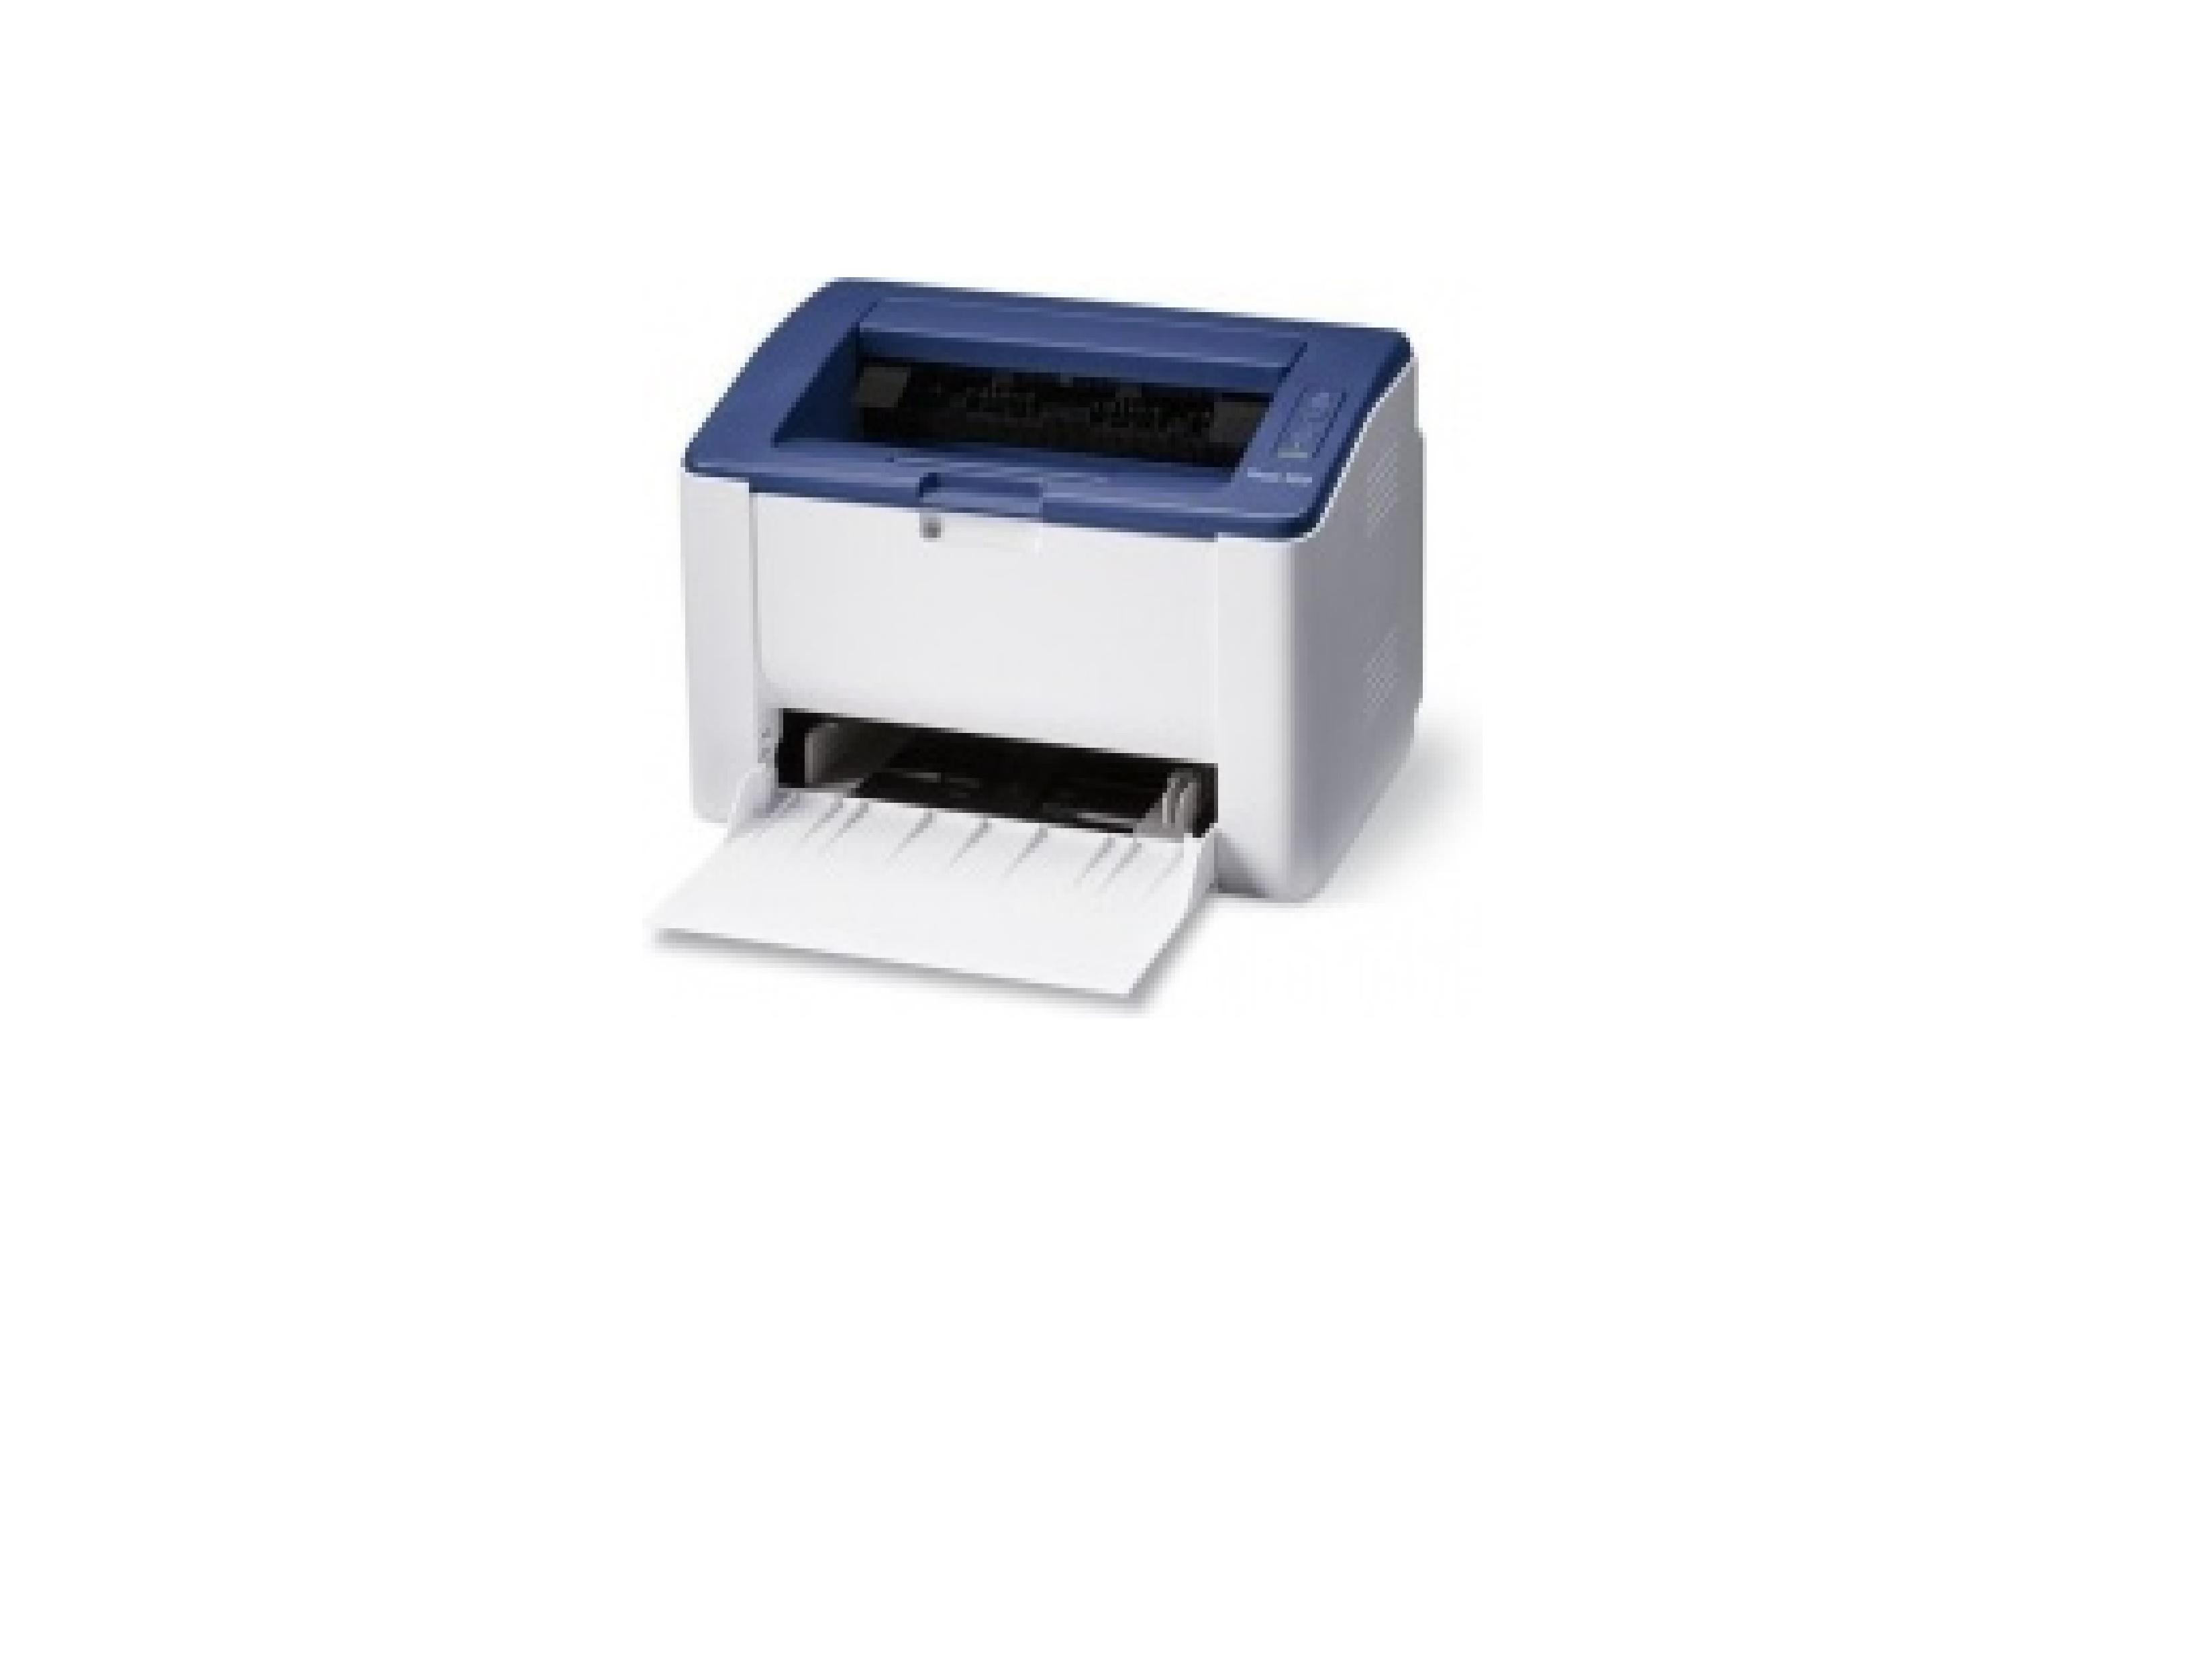 Принтер светодиодный монохромный Xerox Phaser 3020 BI (A4)